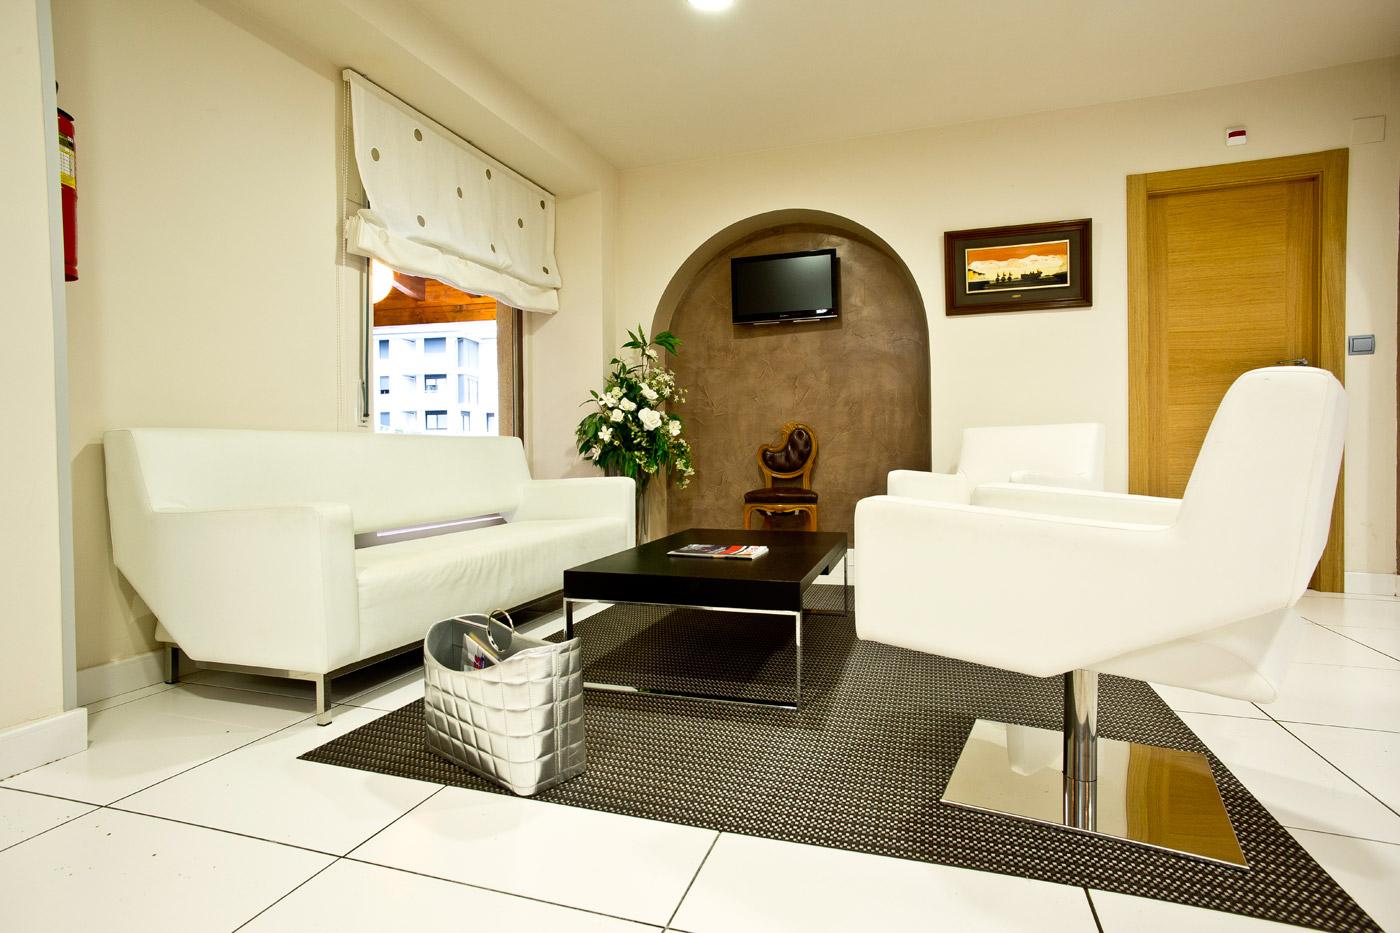 hotel-las-olas-noja-recepcion-3